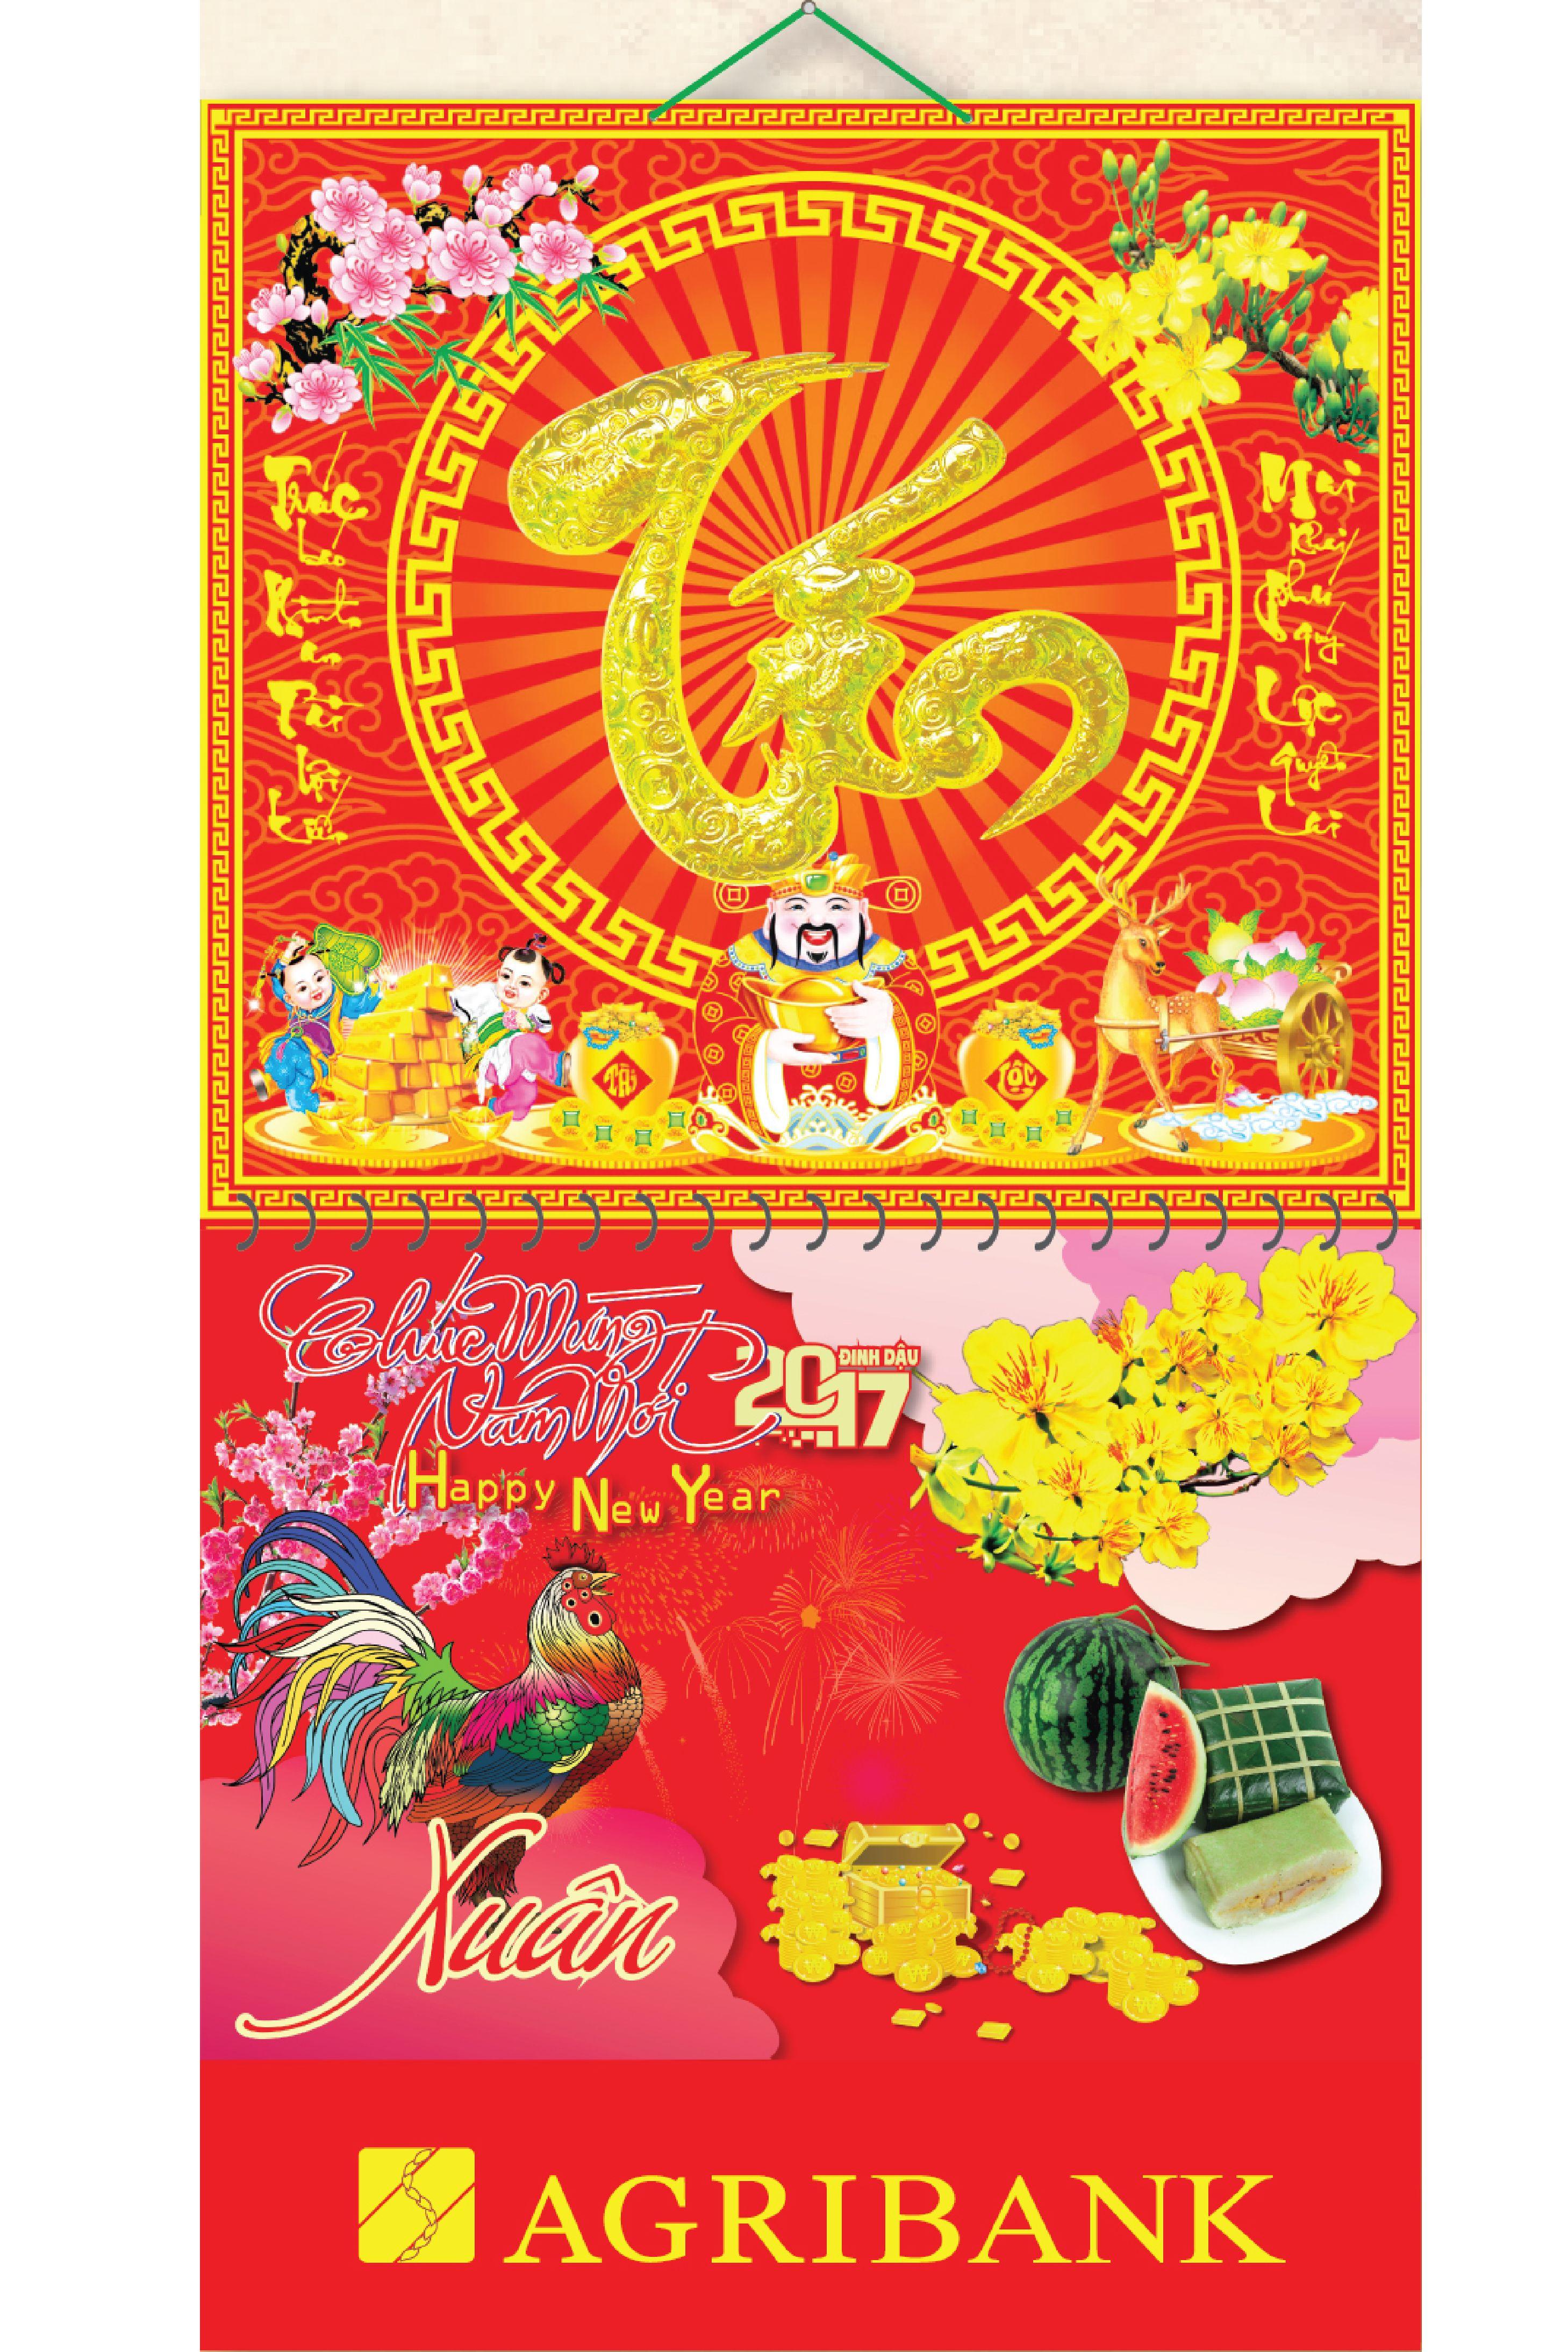 Bìa Treo Lịch Tết 2017 Lò Xo Giữa Gắn Bộ Số Dán Nổi Chữ Tín KV.65 - EBOOK/PDF/PRC/EPUB